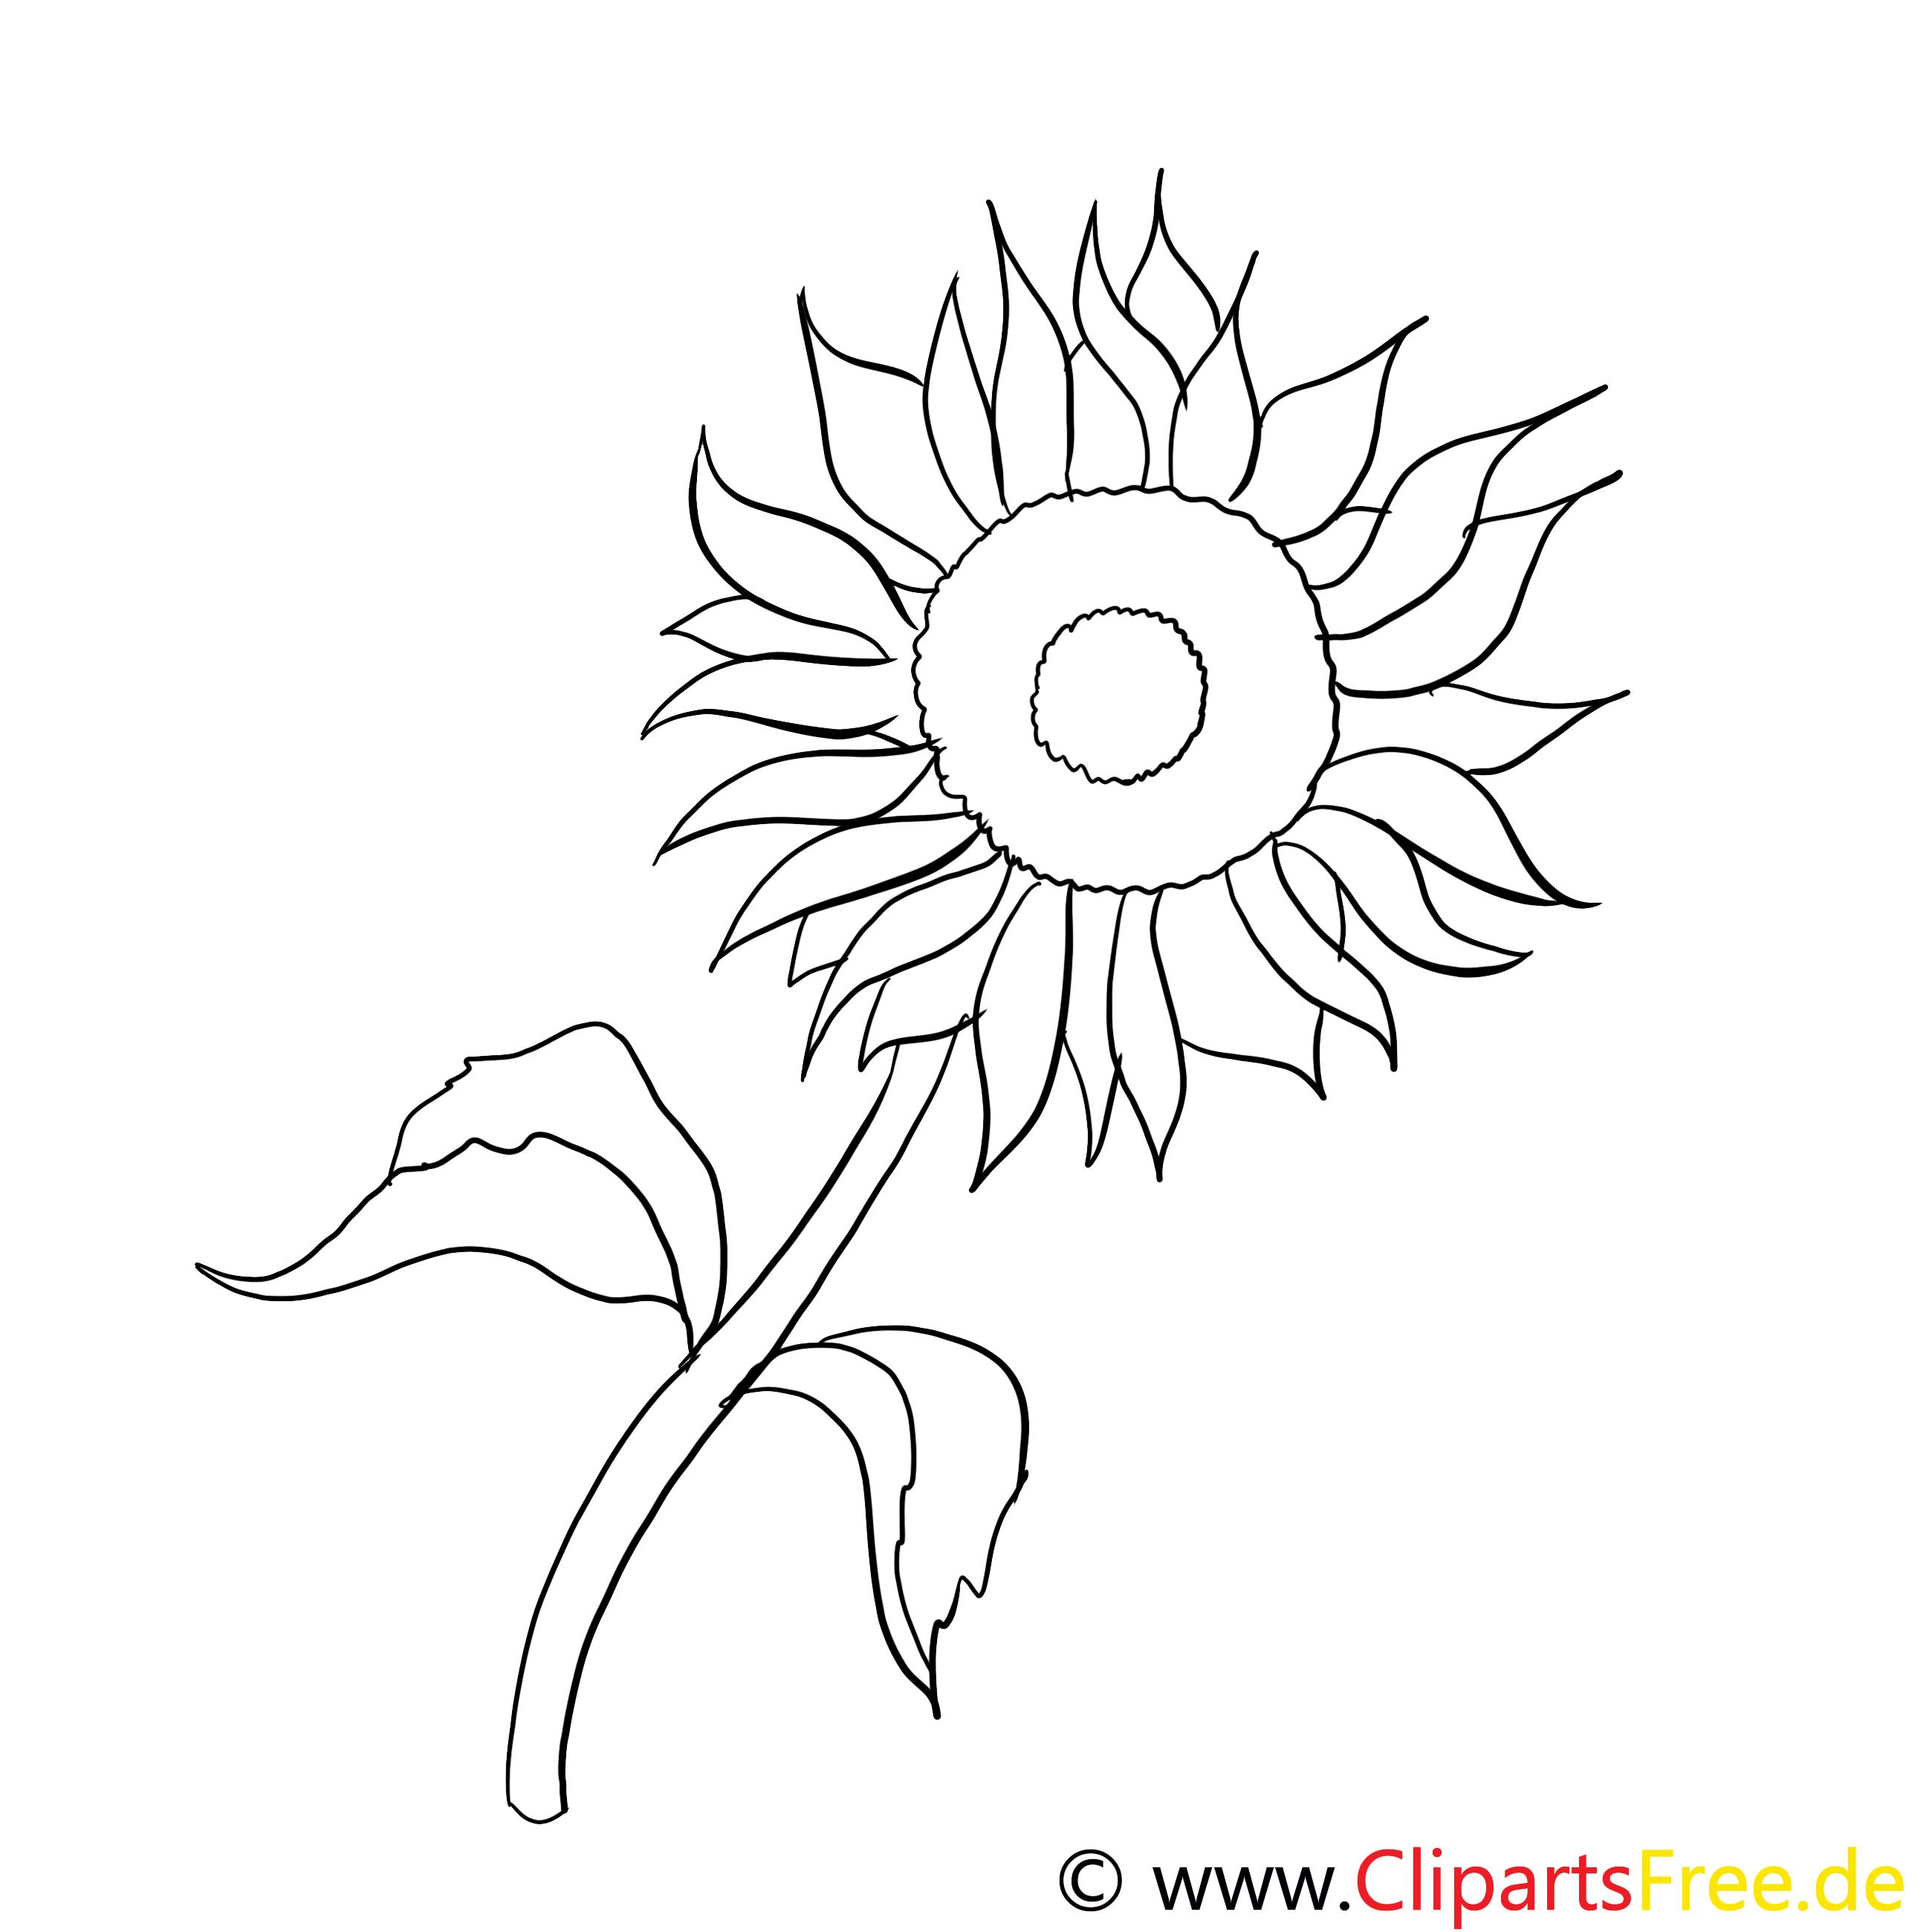 sonnenblume malvorlage kostenlos  kostenlose malvorlagen